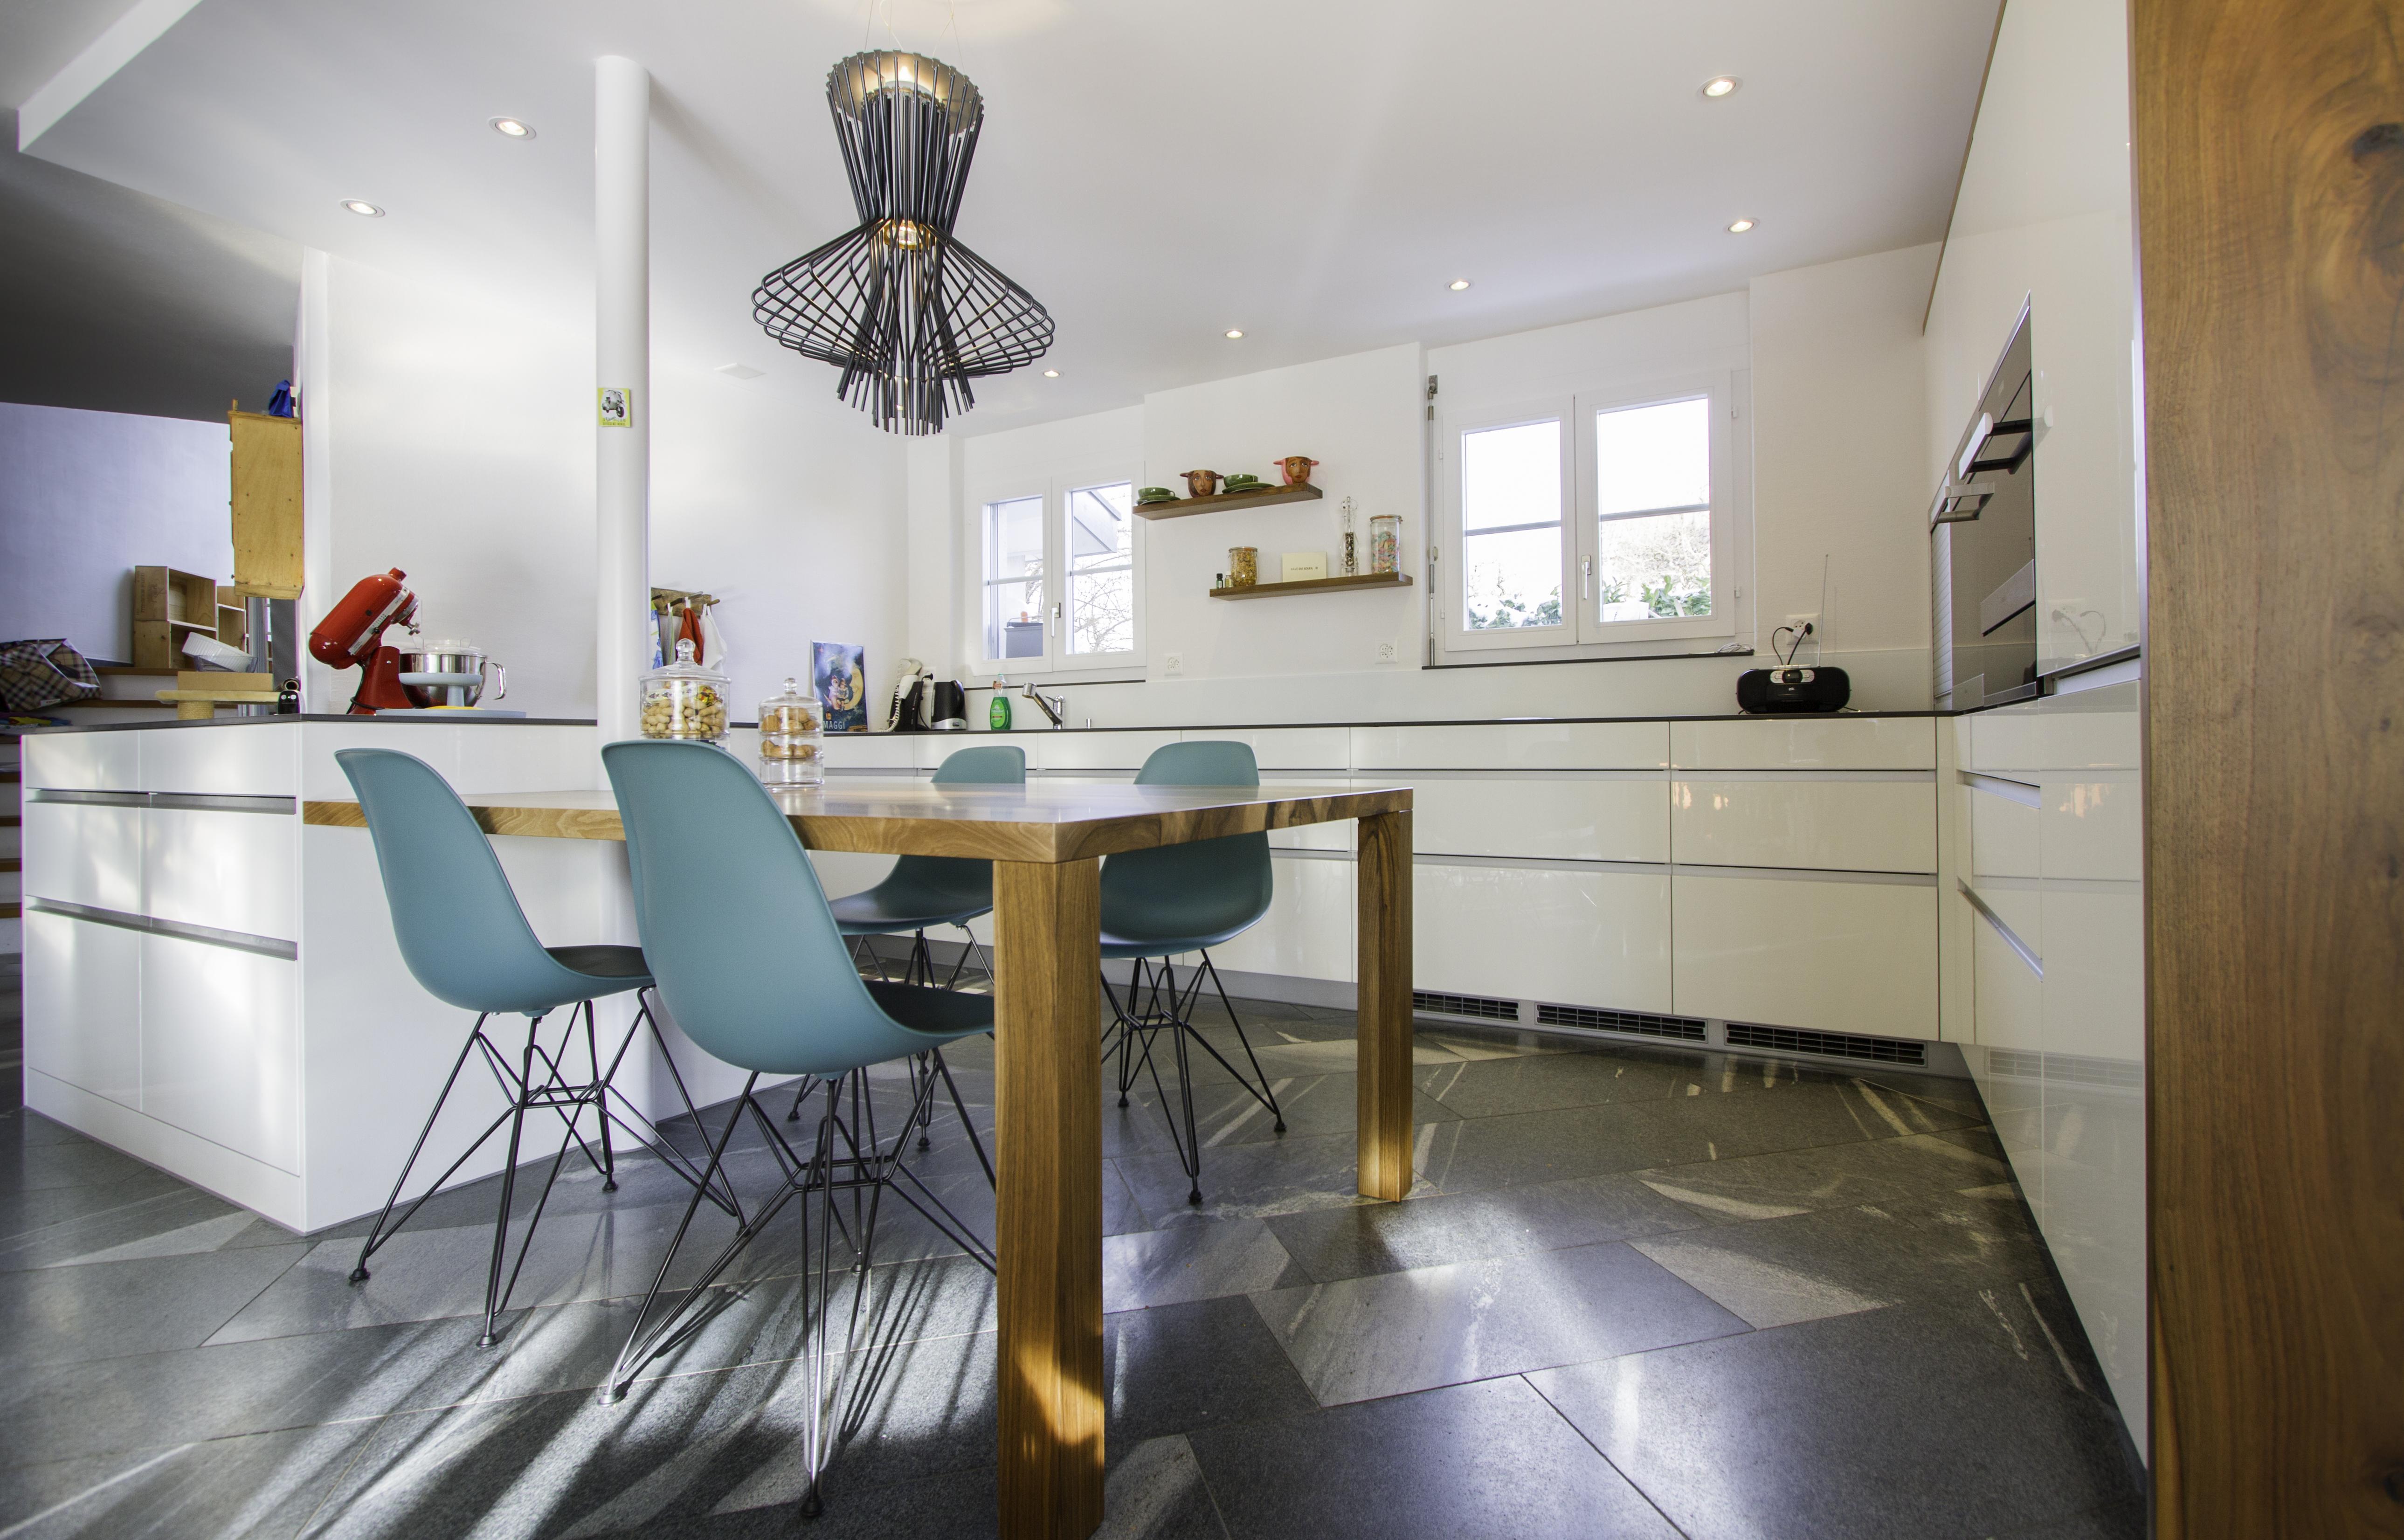 Nett Küche Und Schränke Nach Design Ideen - Küche Set Ideen ...